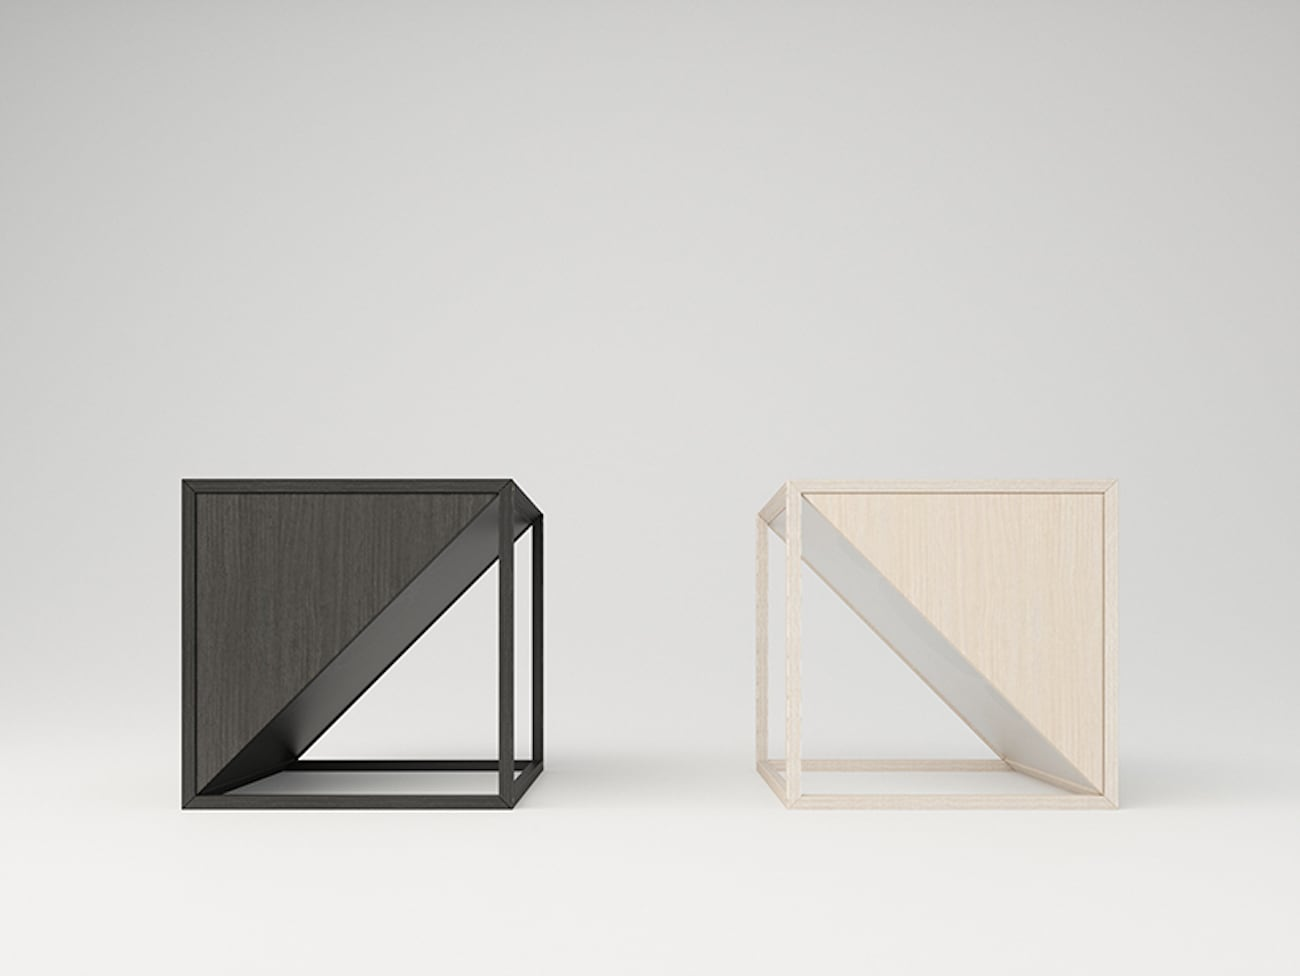 JLA M1 Minimalist Hybrid Table Speaker